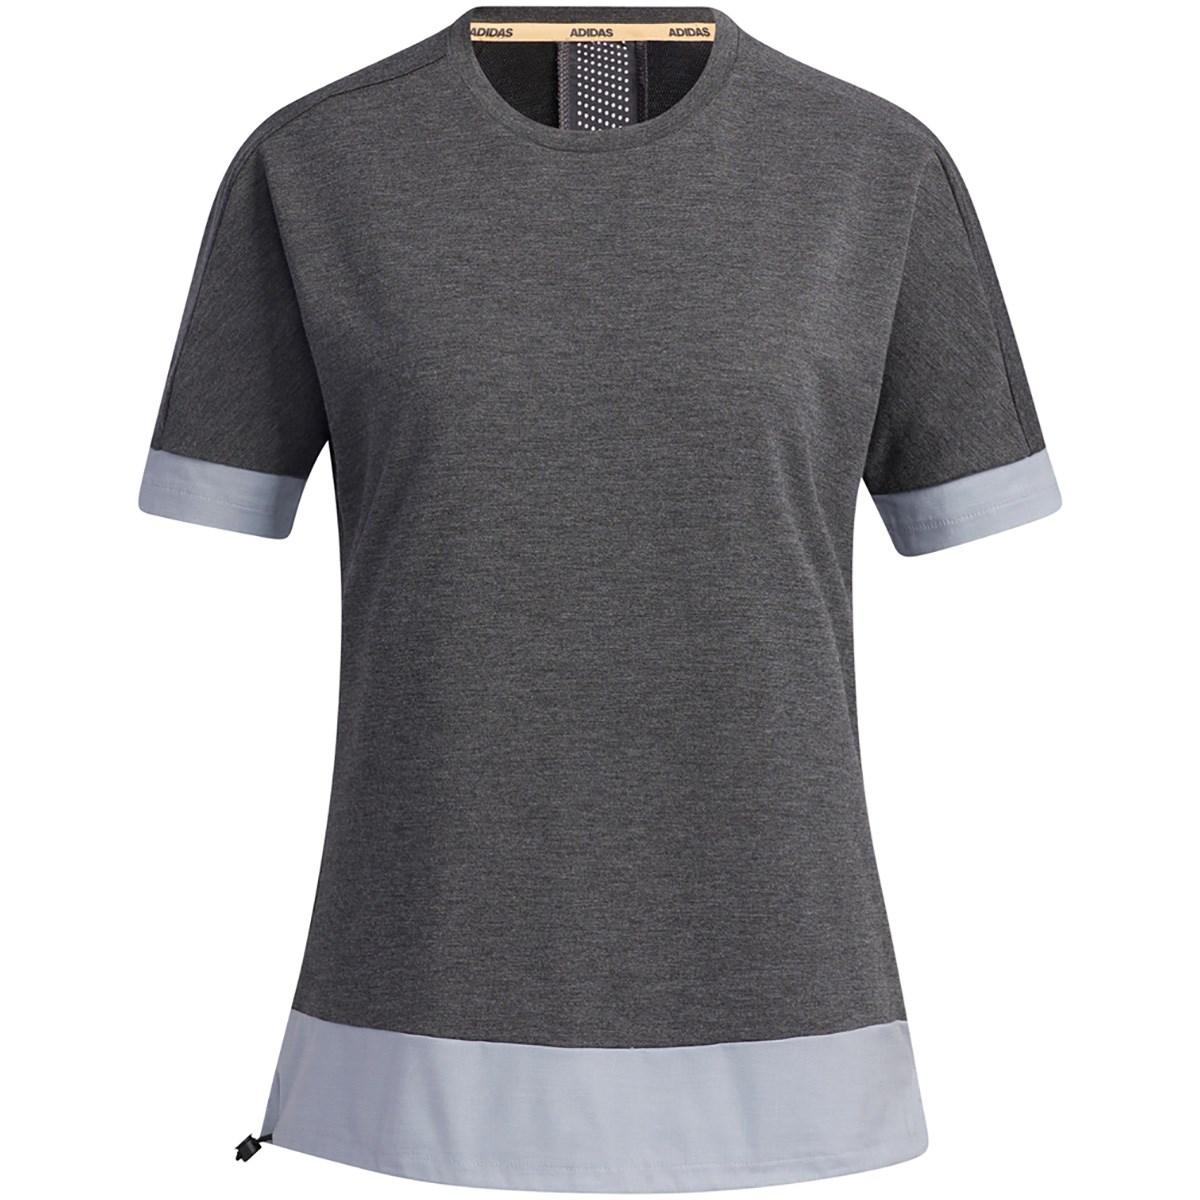 アディダス Adidas ファブリックミックス 半袖クルーネックシャツ J/S ブラックメランジ/ヘイローシルバー レディス